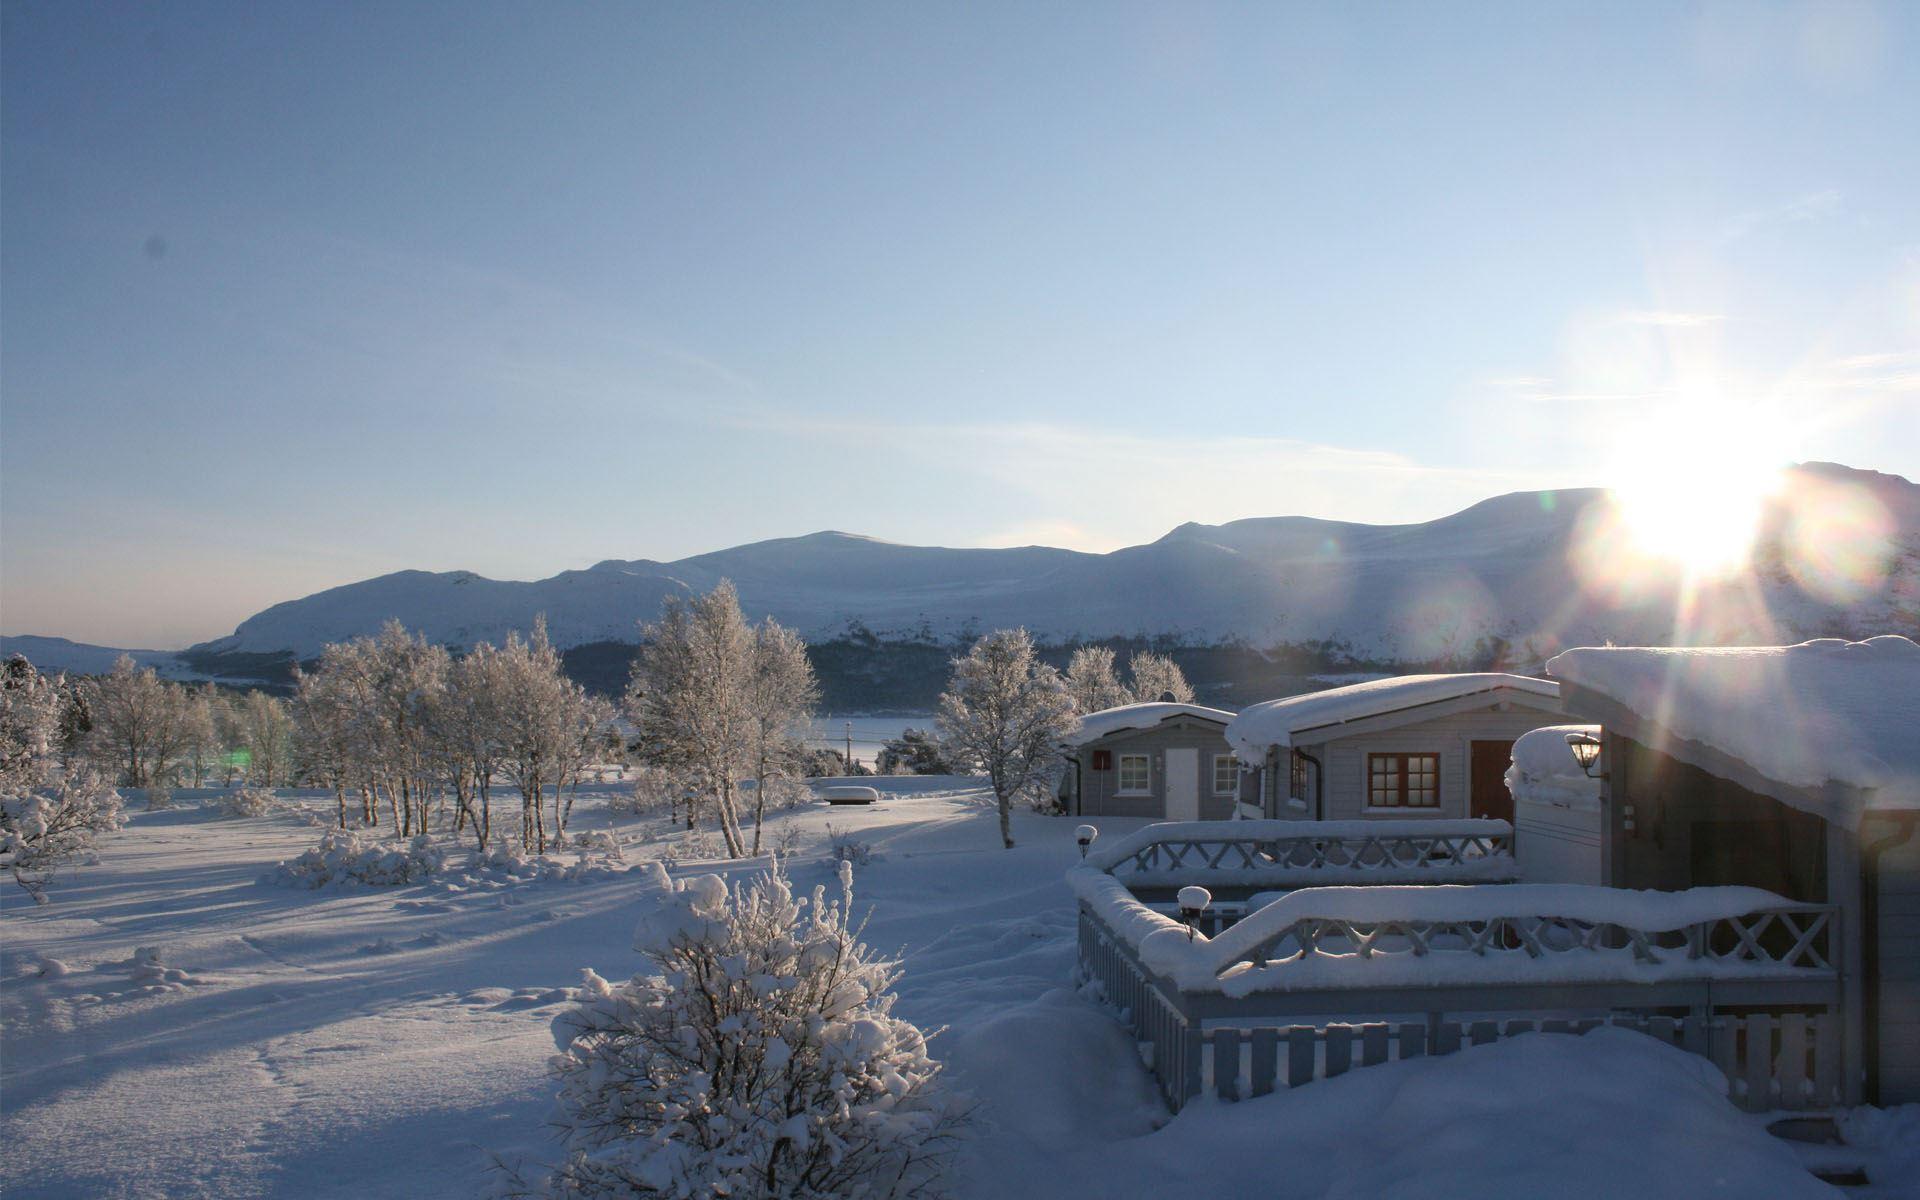 Jotunheimen Caravan Camp - et flott sted sommer som vinter!